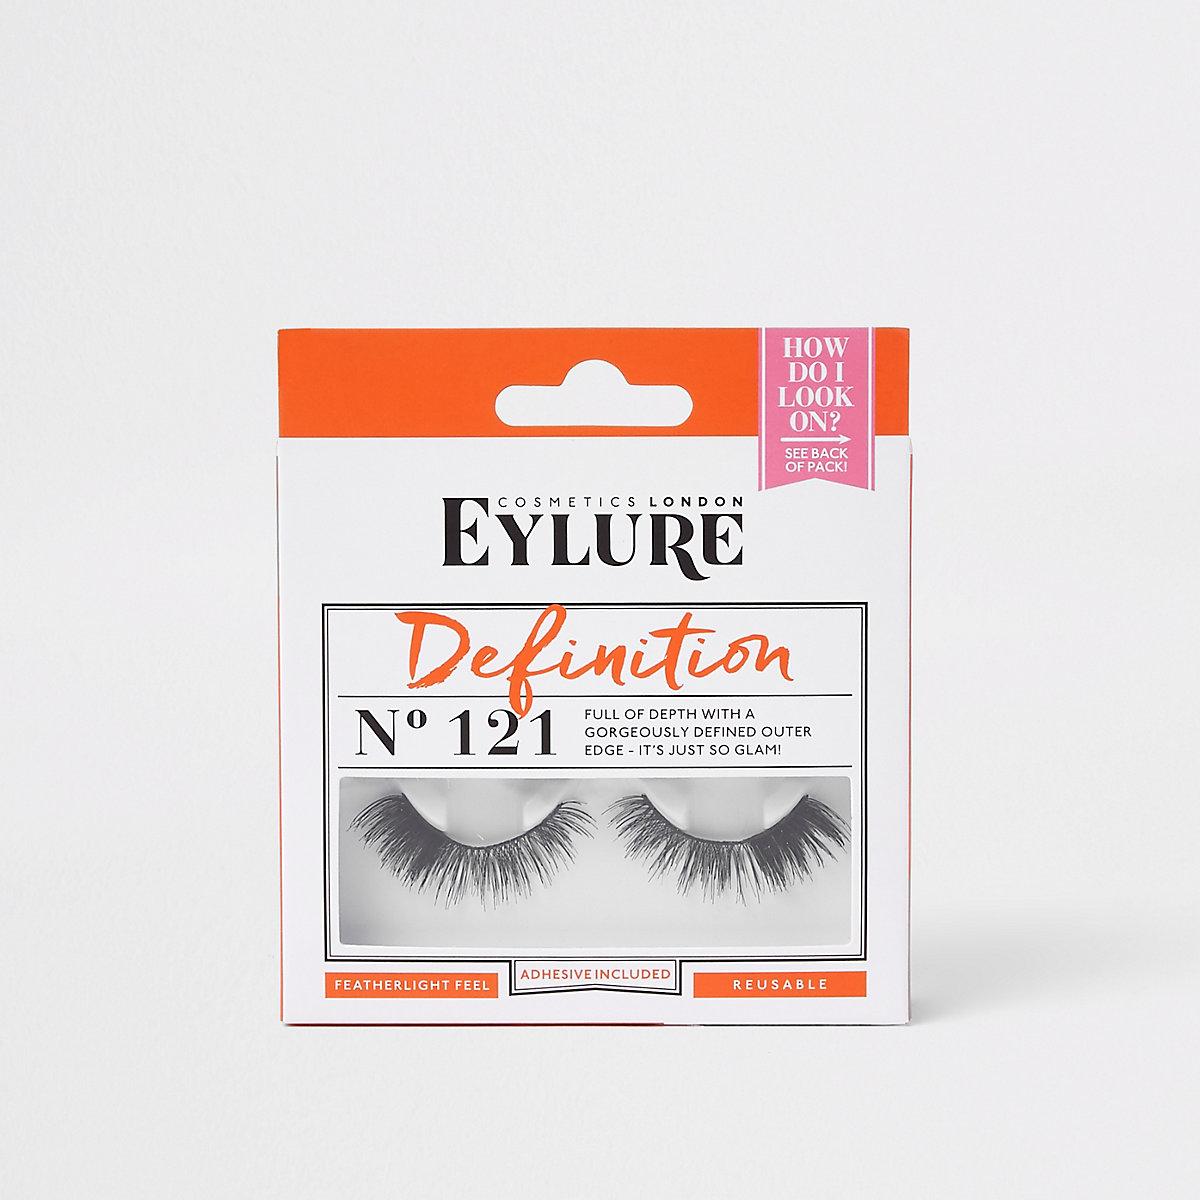 Eylure 121 definition false eyelashes